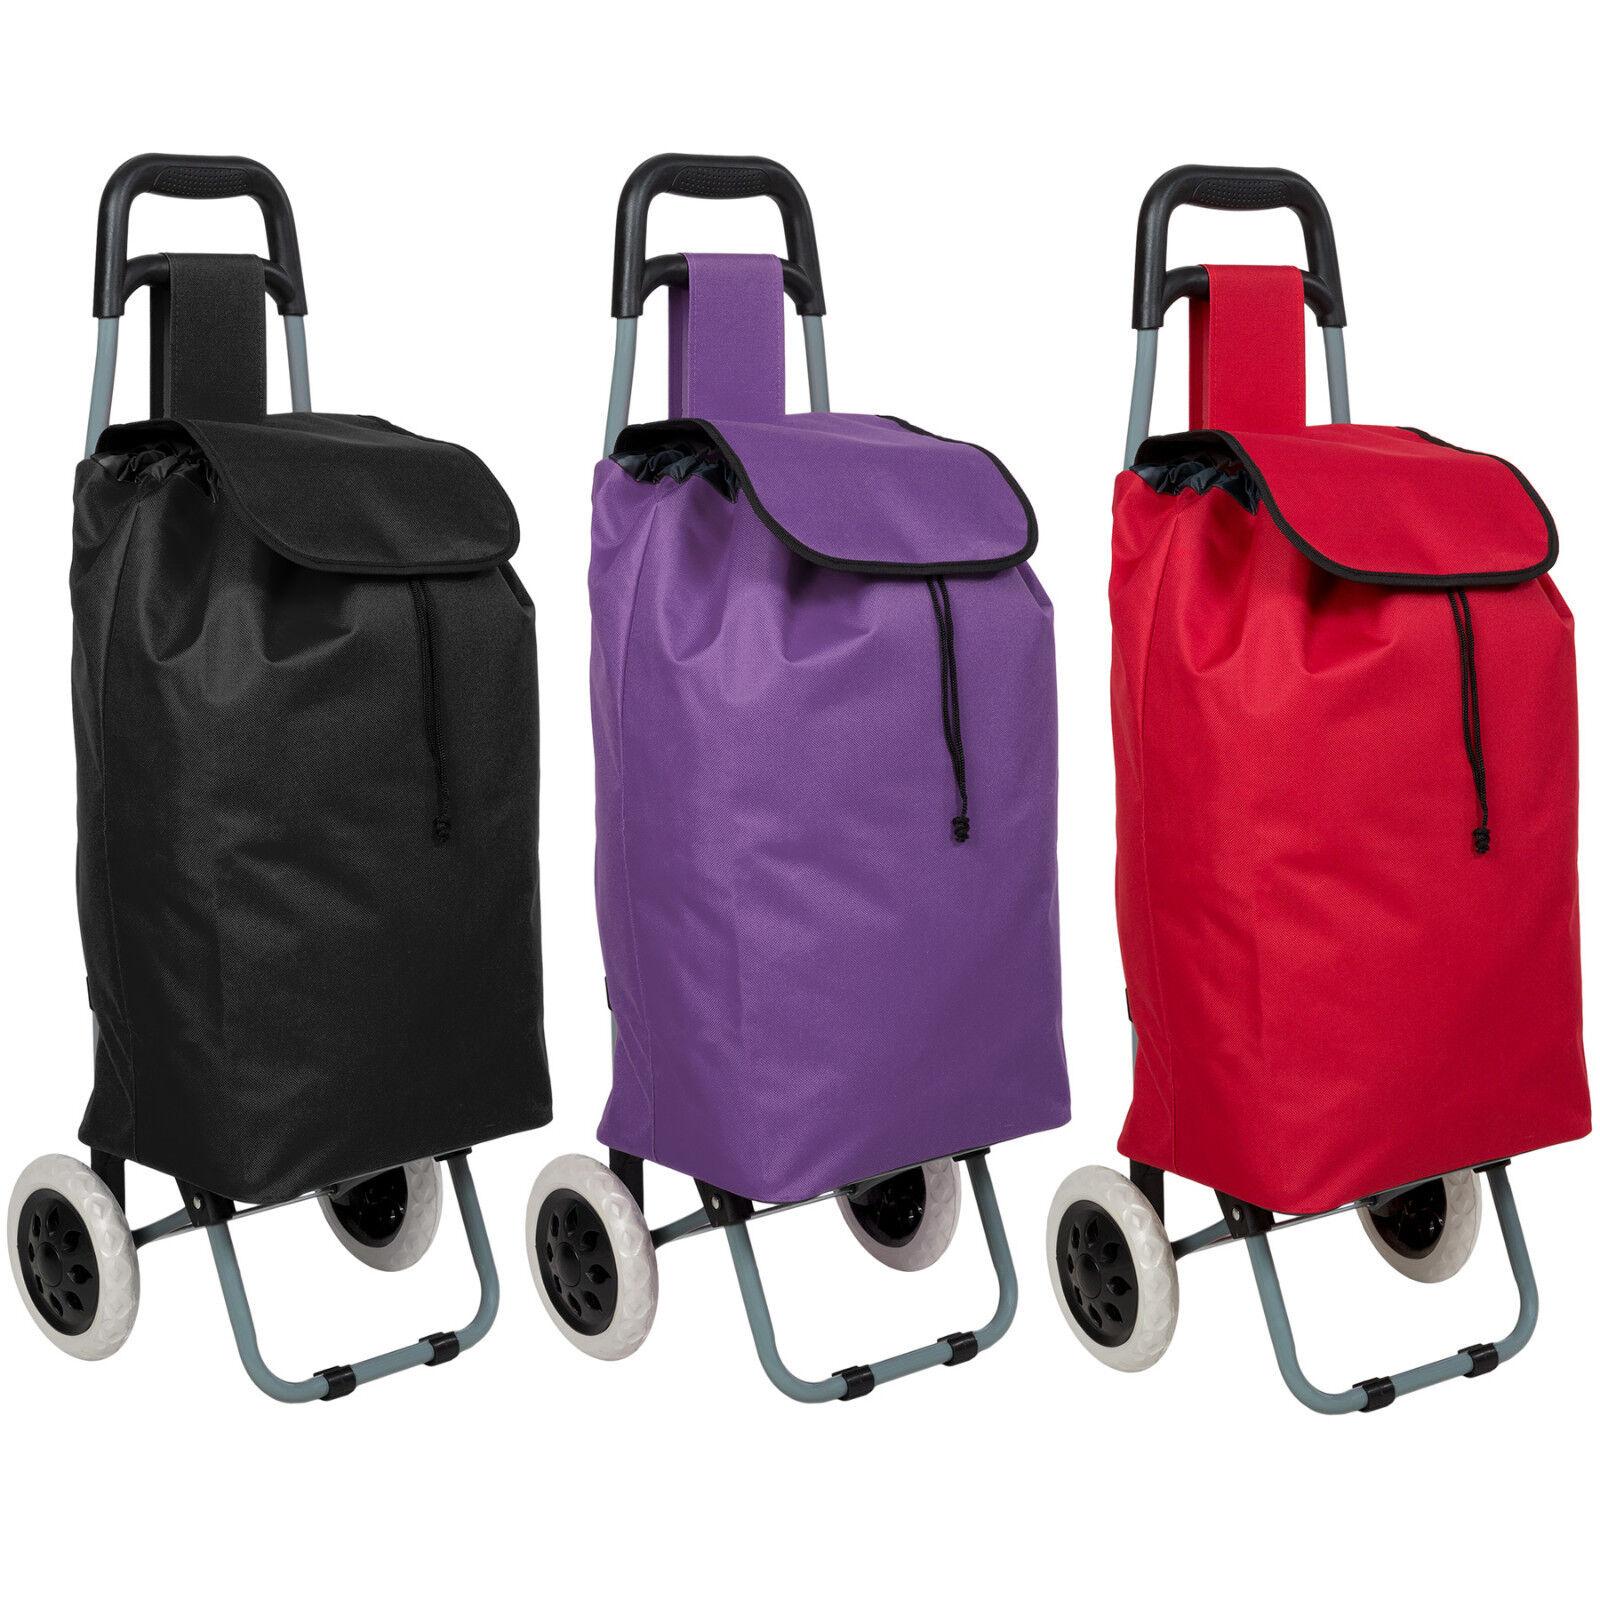 Einkaufstrolley Einkaufsroller Trolley Roller Einkaufswagen klappbar schwarz lil